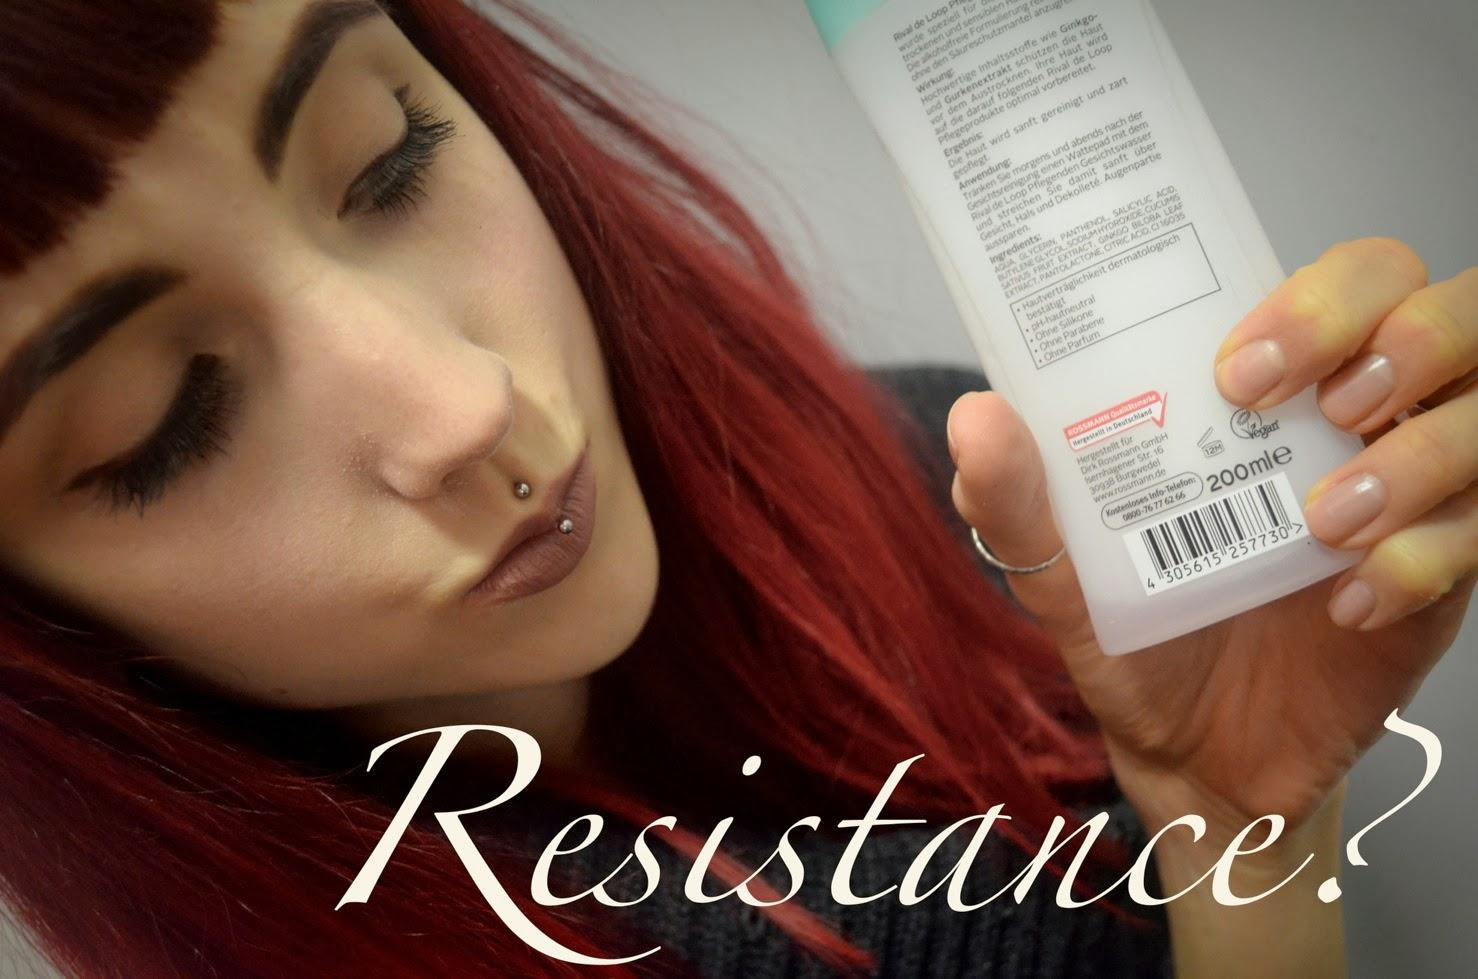 Die Sache über: Haltbarkeit von Kosmetikprodukten